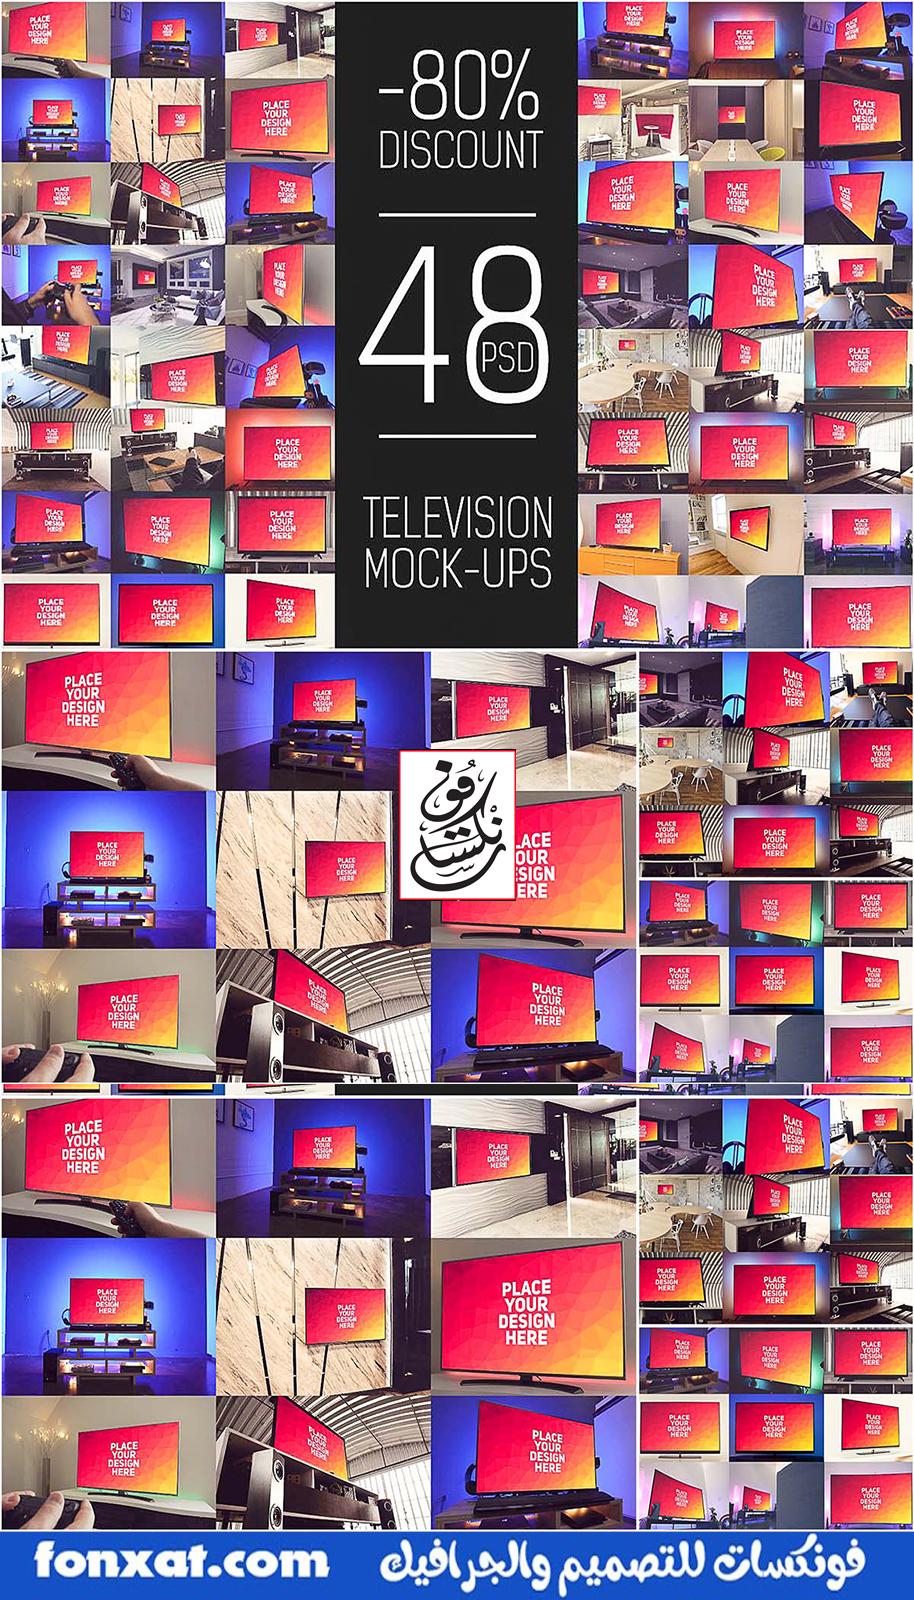 موك اب احترافى شاشات عرض وتليفزيون شاشات عملاقة احترافية تحميل مجانى